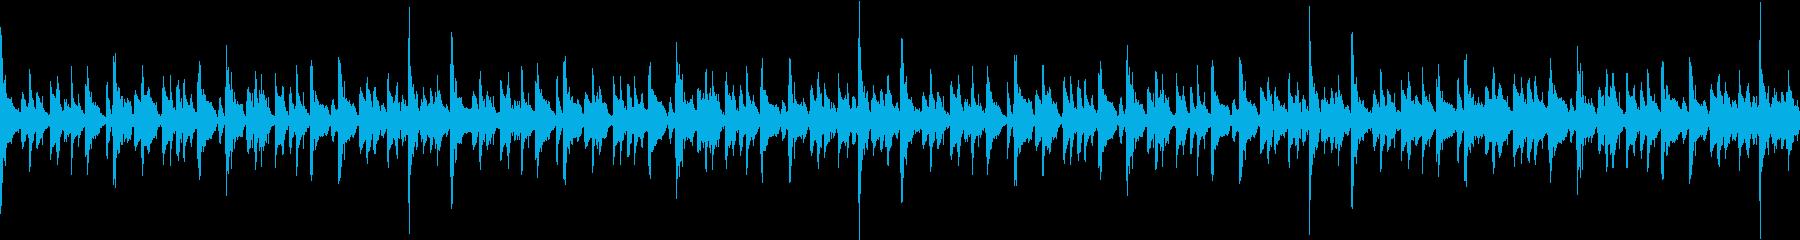 エレピソロで疾走感のある16ビートループの再生済みの波形